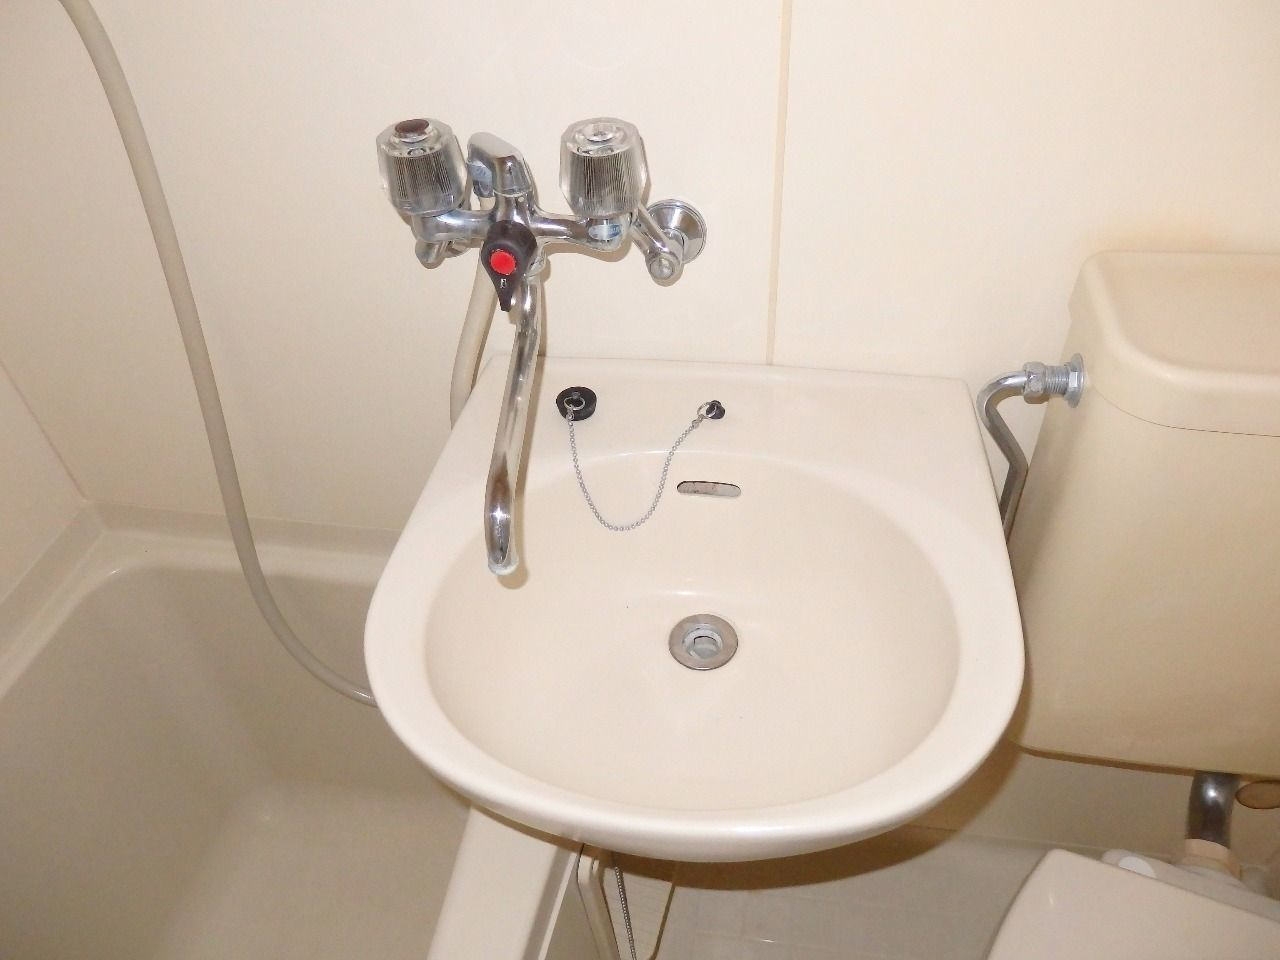 温水も使える混合栓がうれしいですね。